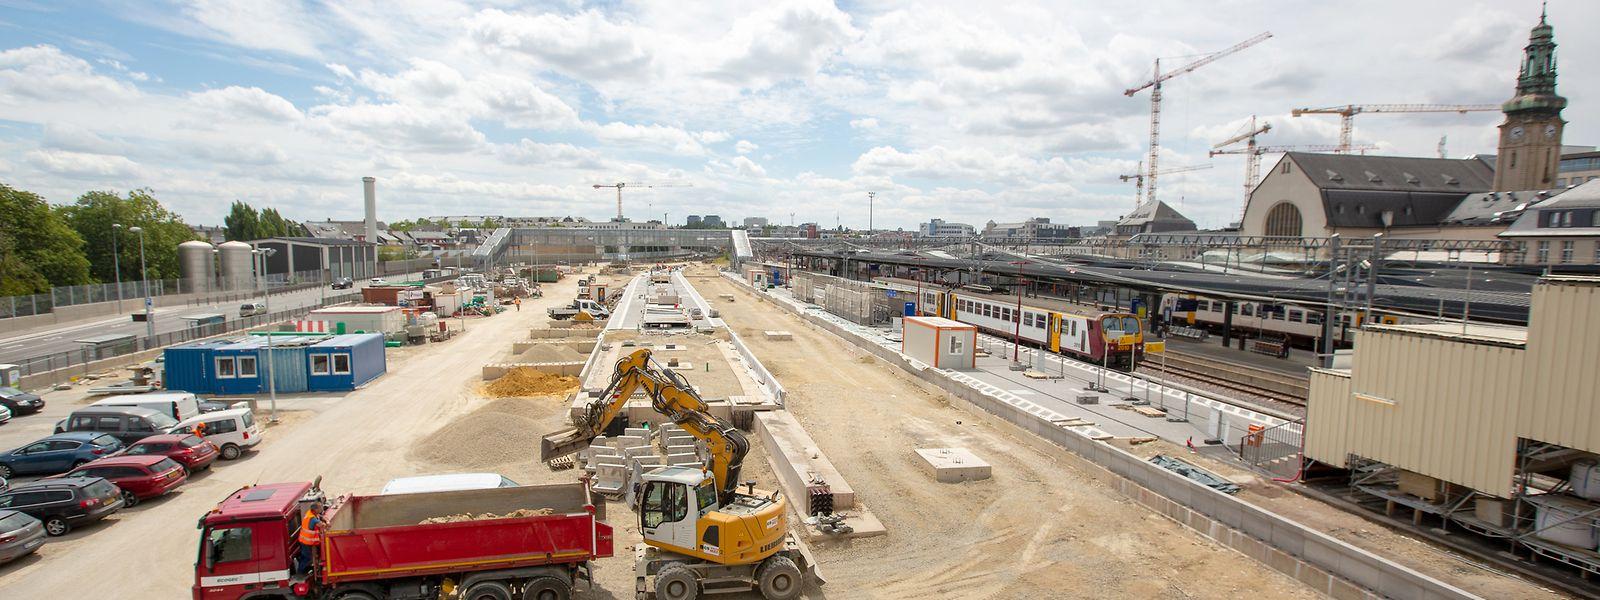 Les trois nouvelles voies de la gare de Luxembourg entreront en service en décembre 2021. L'amélioration de la situation sur les rails, elle, est attendue pour 2024.